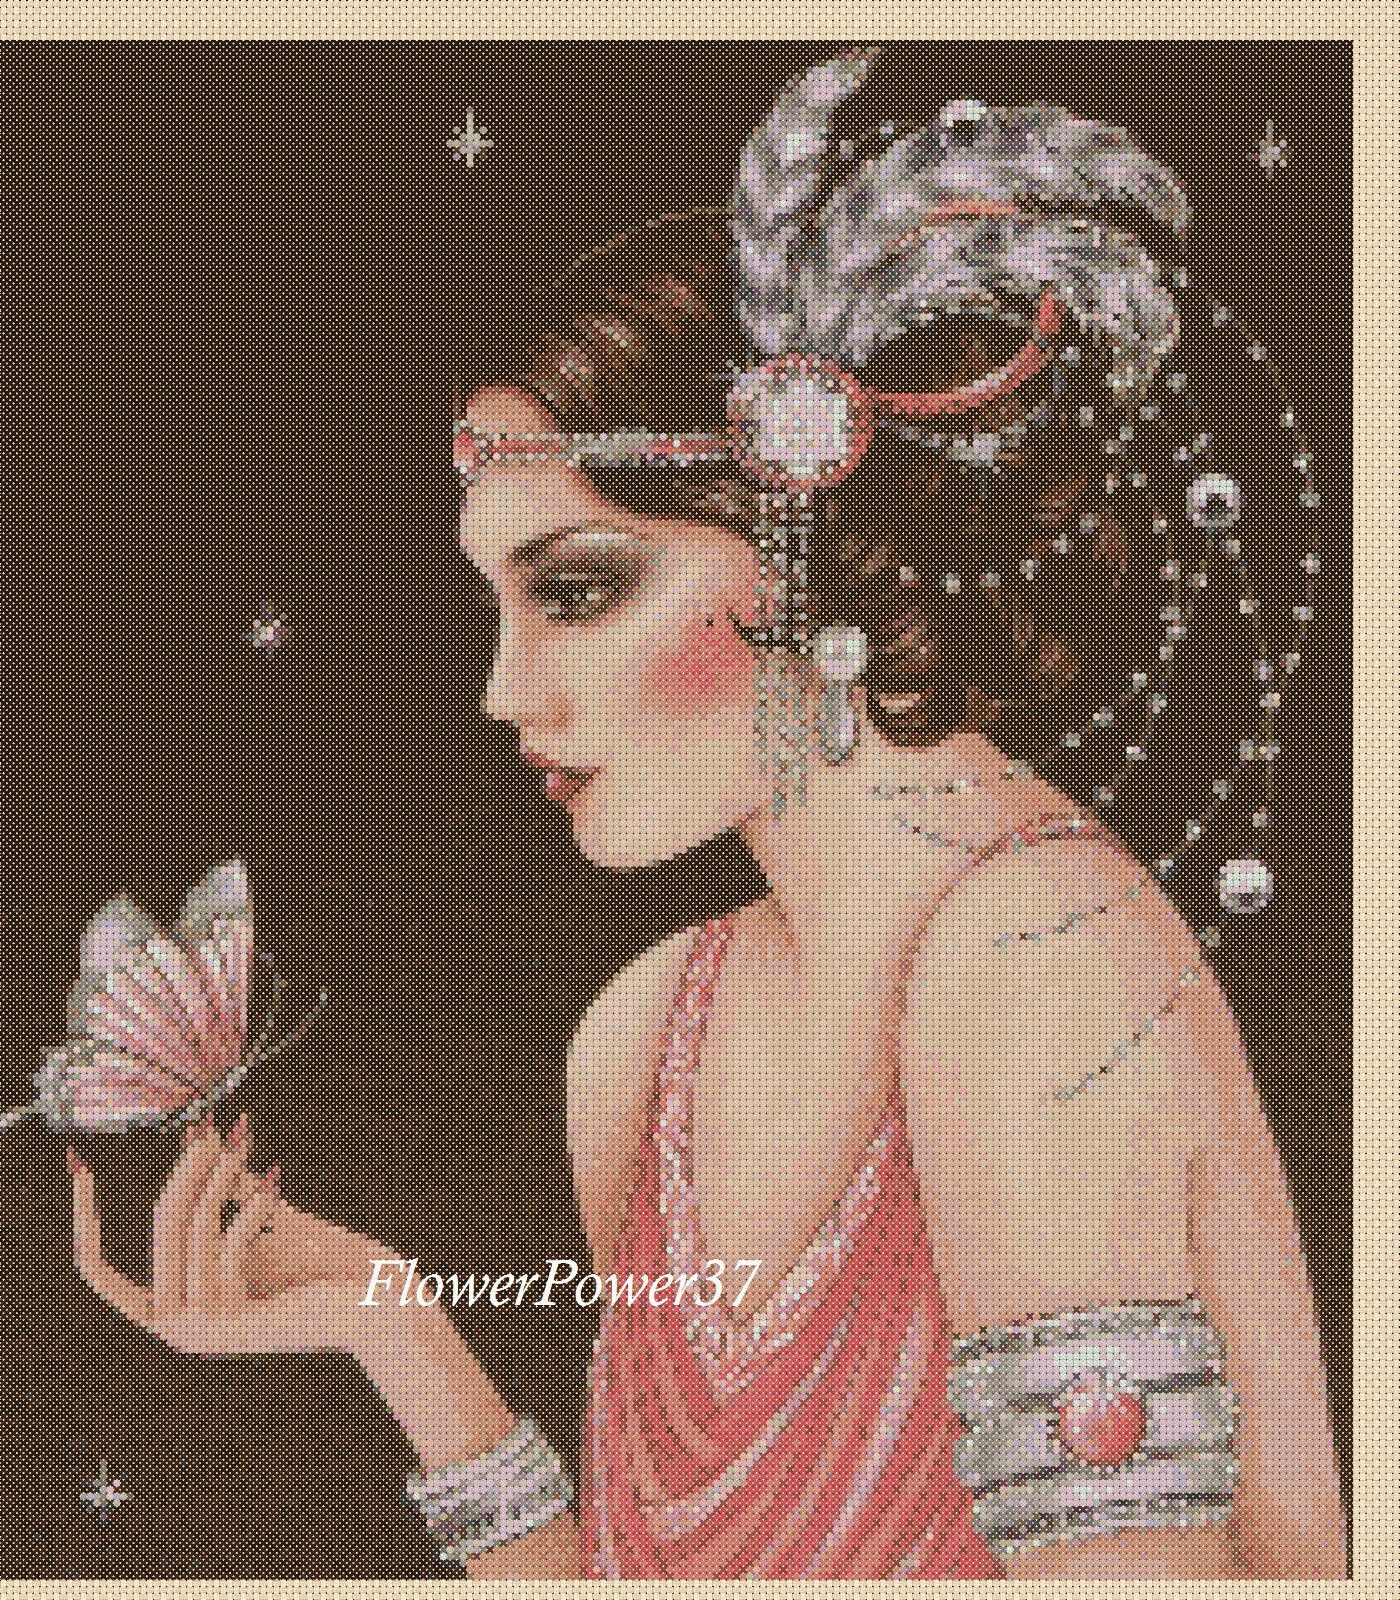 Cross stitch chart Art Deco Lady No 133 FlowerPower37-uk FREE UK P&P ...